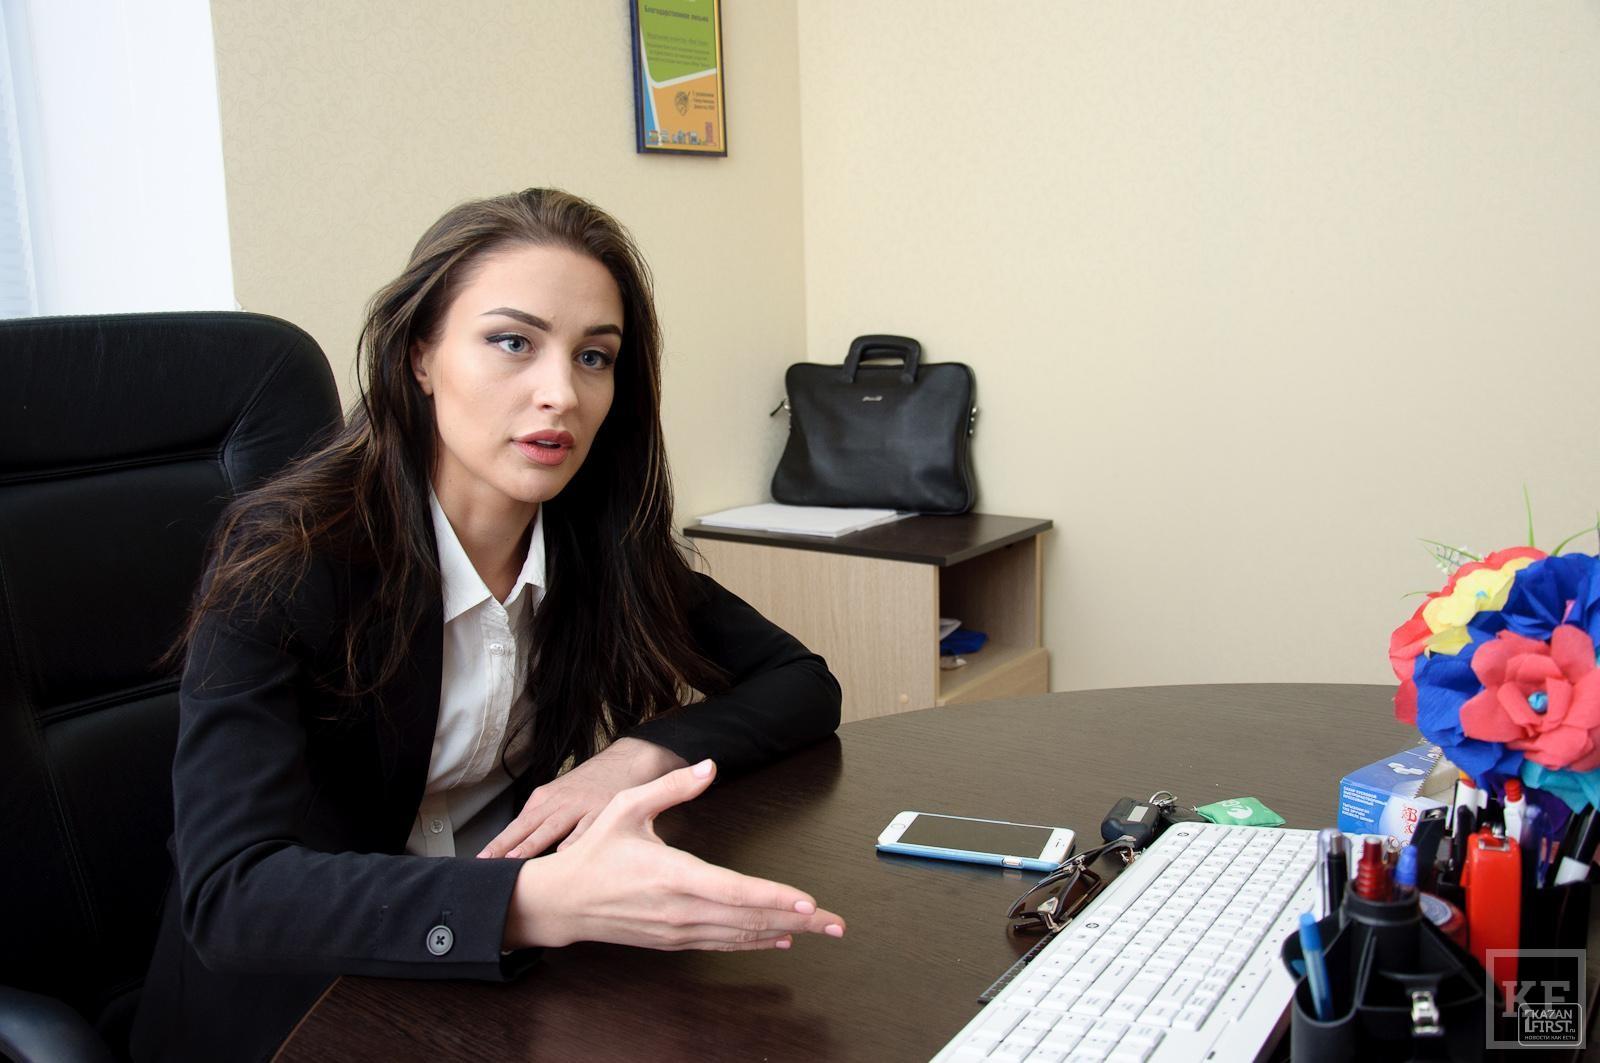 Алёна Кушнир о себе и своем бизнесе: «Мы должны объяснить предпринимателям востребованность модельной деятельности»